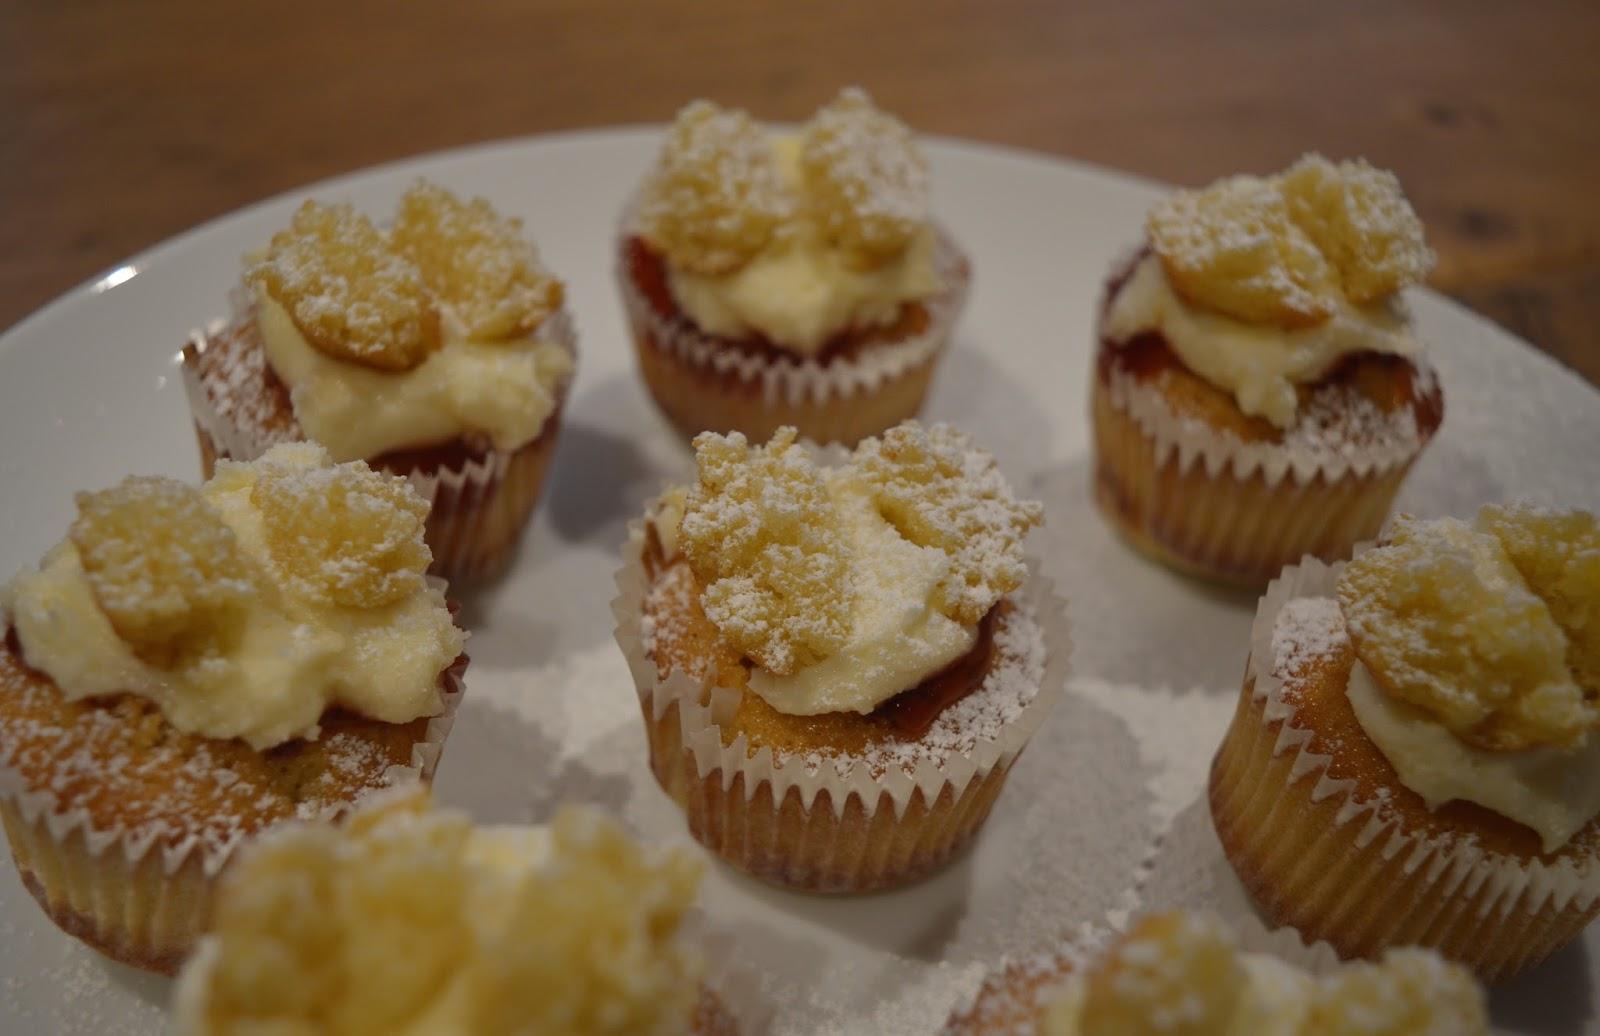 My Modern Mummy: The Easiest Fluffy Fairy Cakes